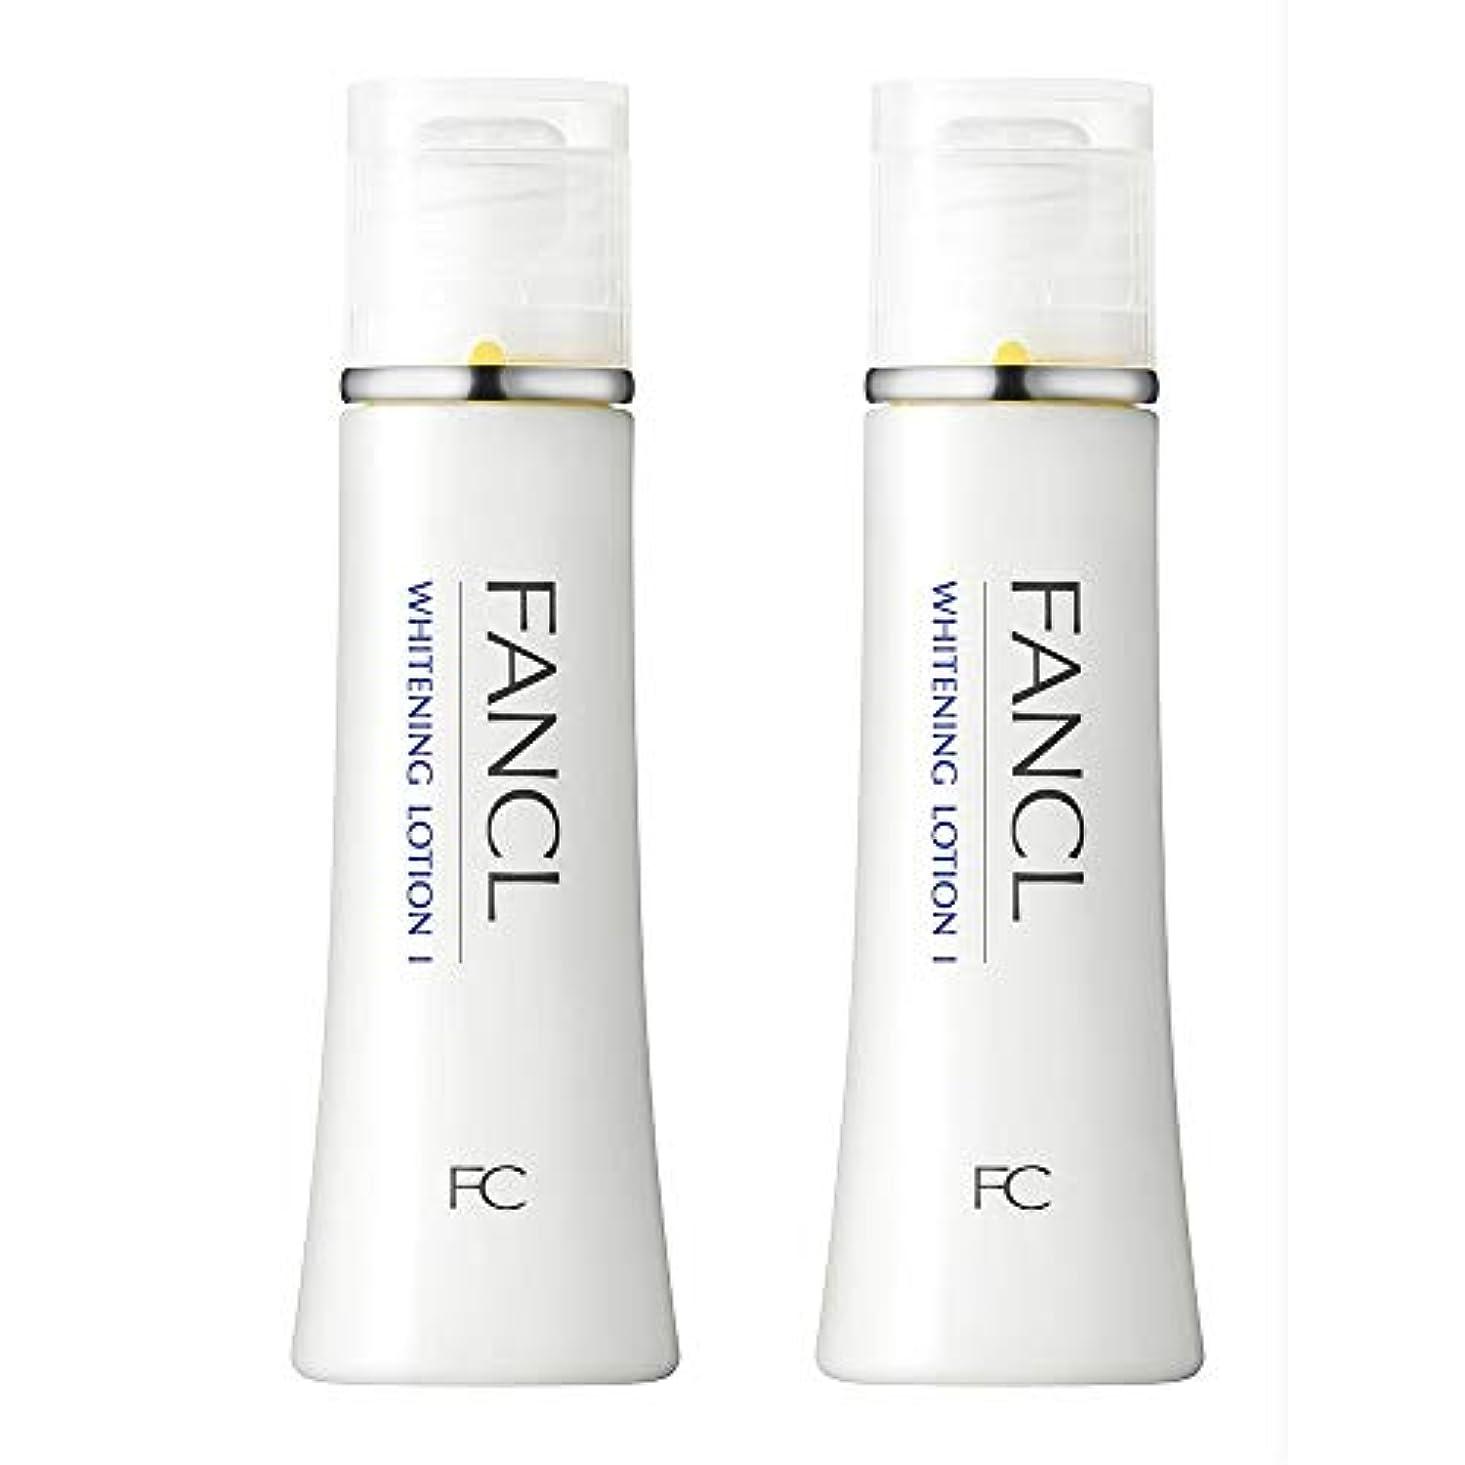 スカーフセクションほのめかすファンケル(FANCL) 新ホワイトニング 化粧液 I さっぱり 2本<医薬部外品>